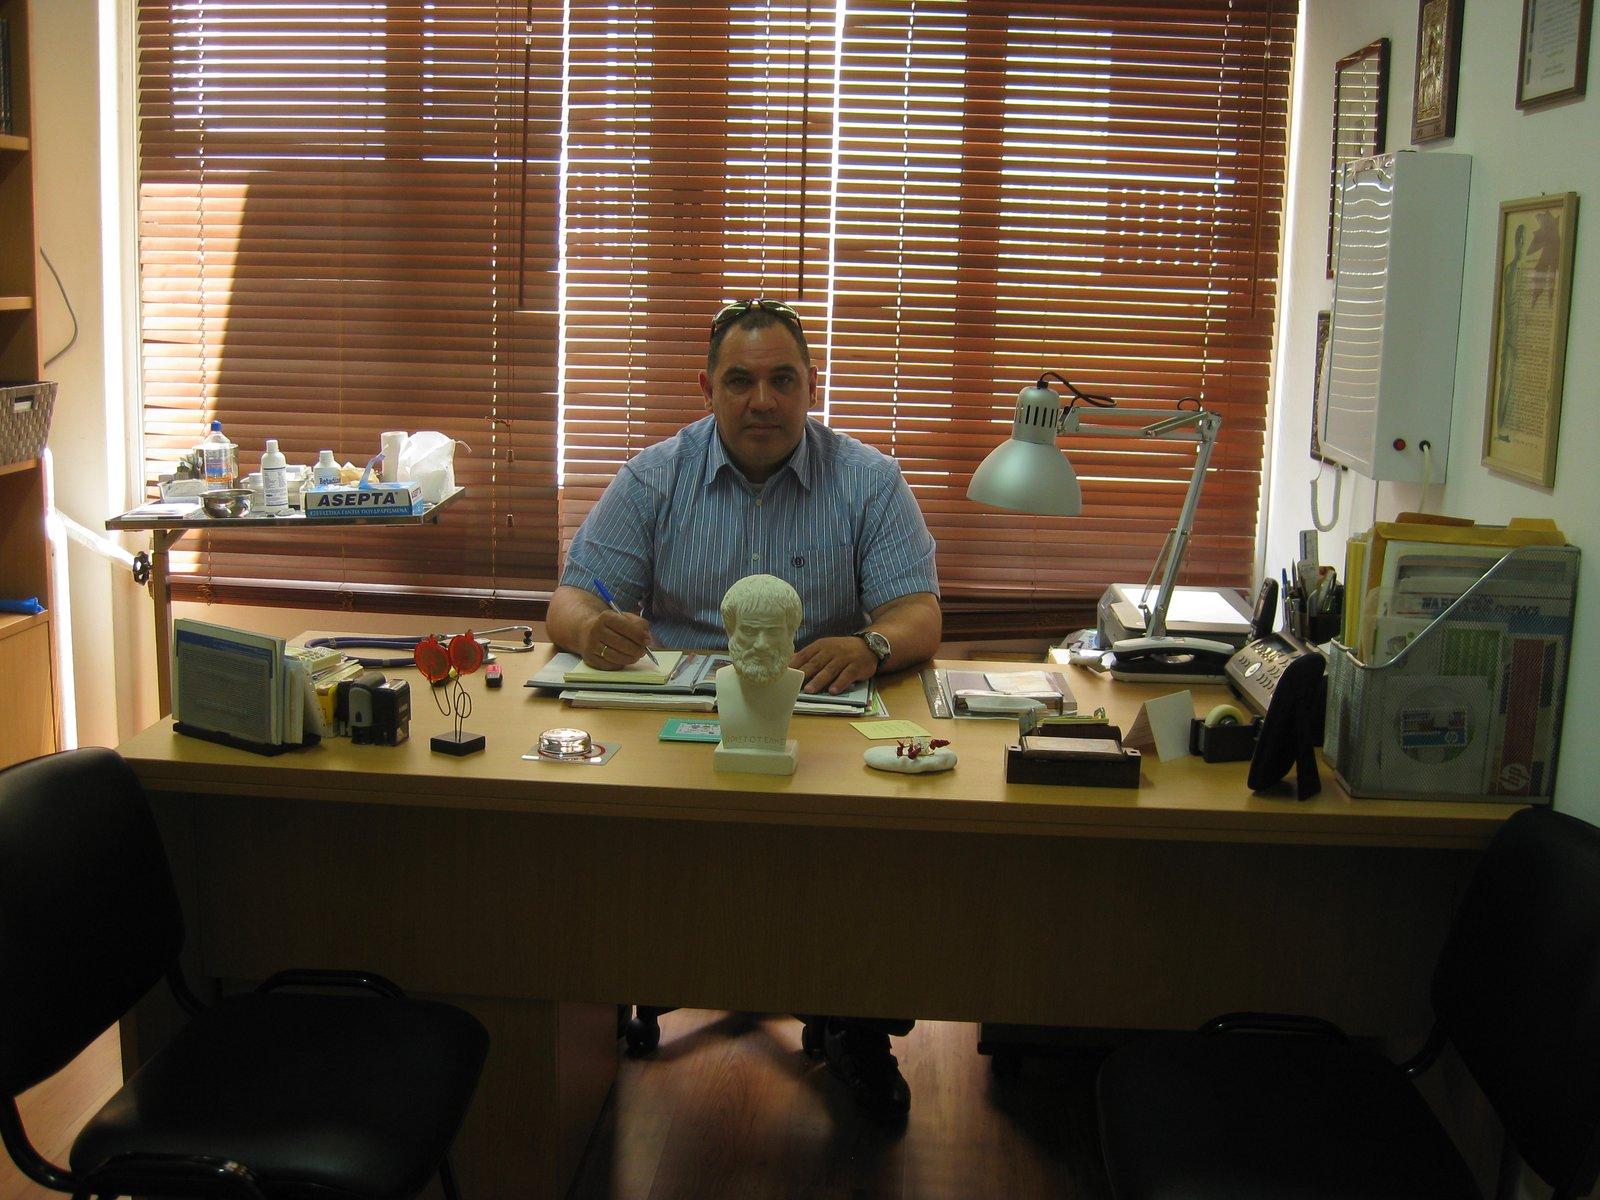 Από τον πόνο στον Ιατρό και στη διάγνωση - Διονύσιος Πινιαλίδης Χειρουργός Λαπαροσκόπος